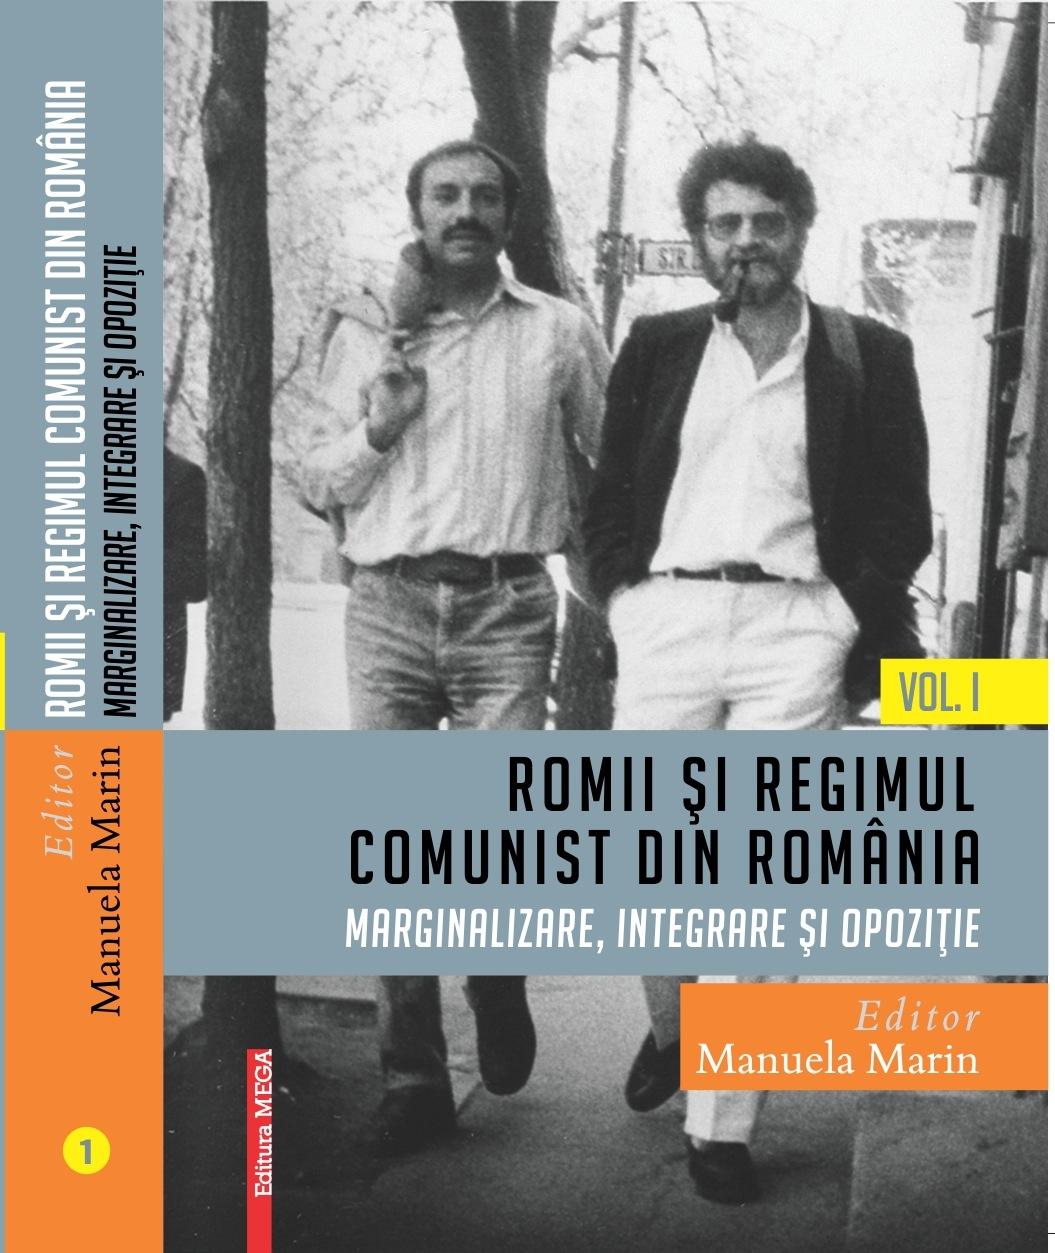 Coperta cărții: Romii și regimul comunist din România: Marginalizare, integrare și opoziție editată de Manuela Marin